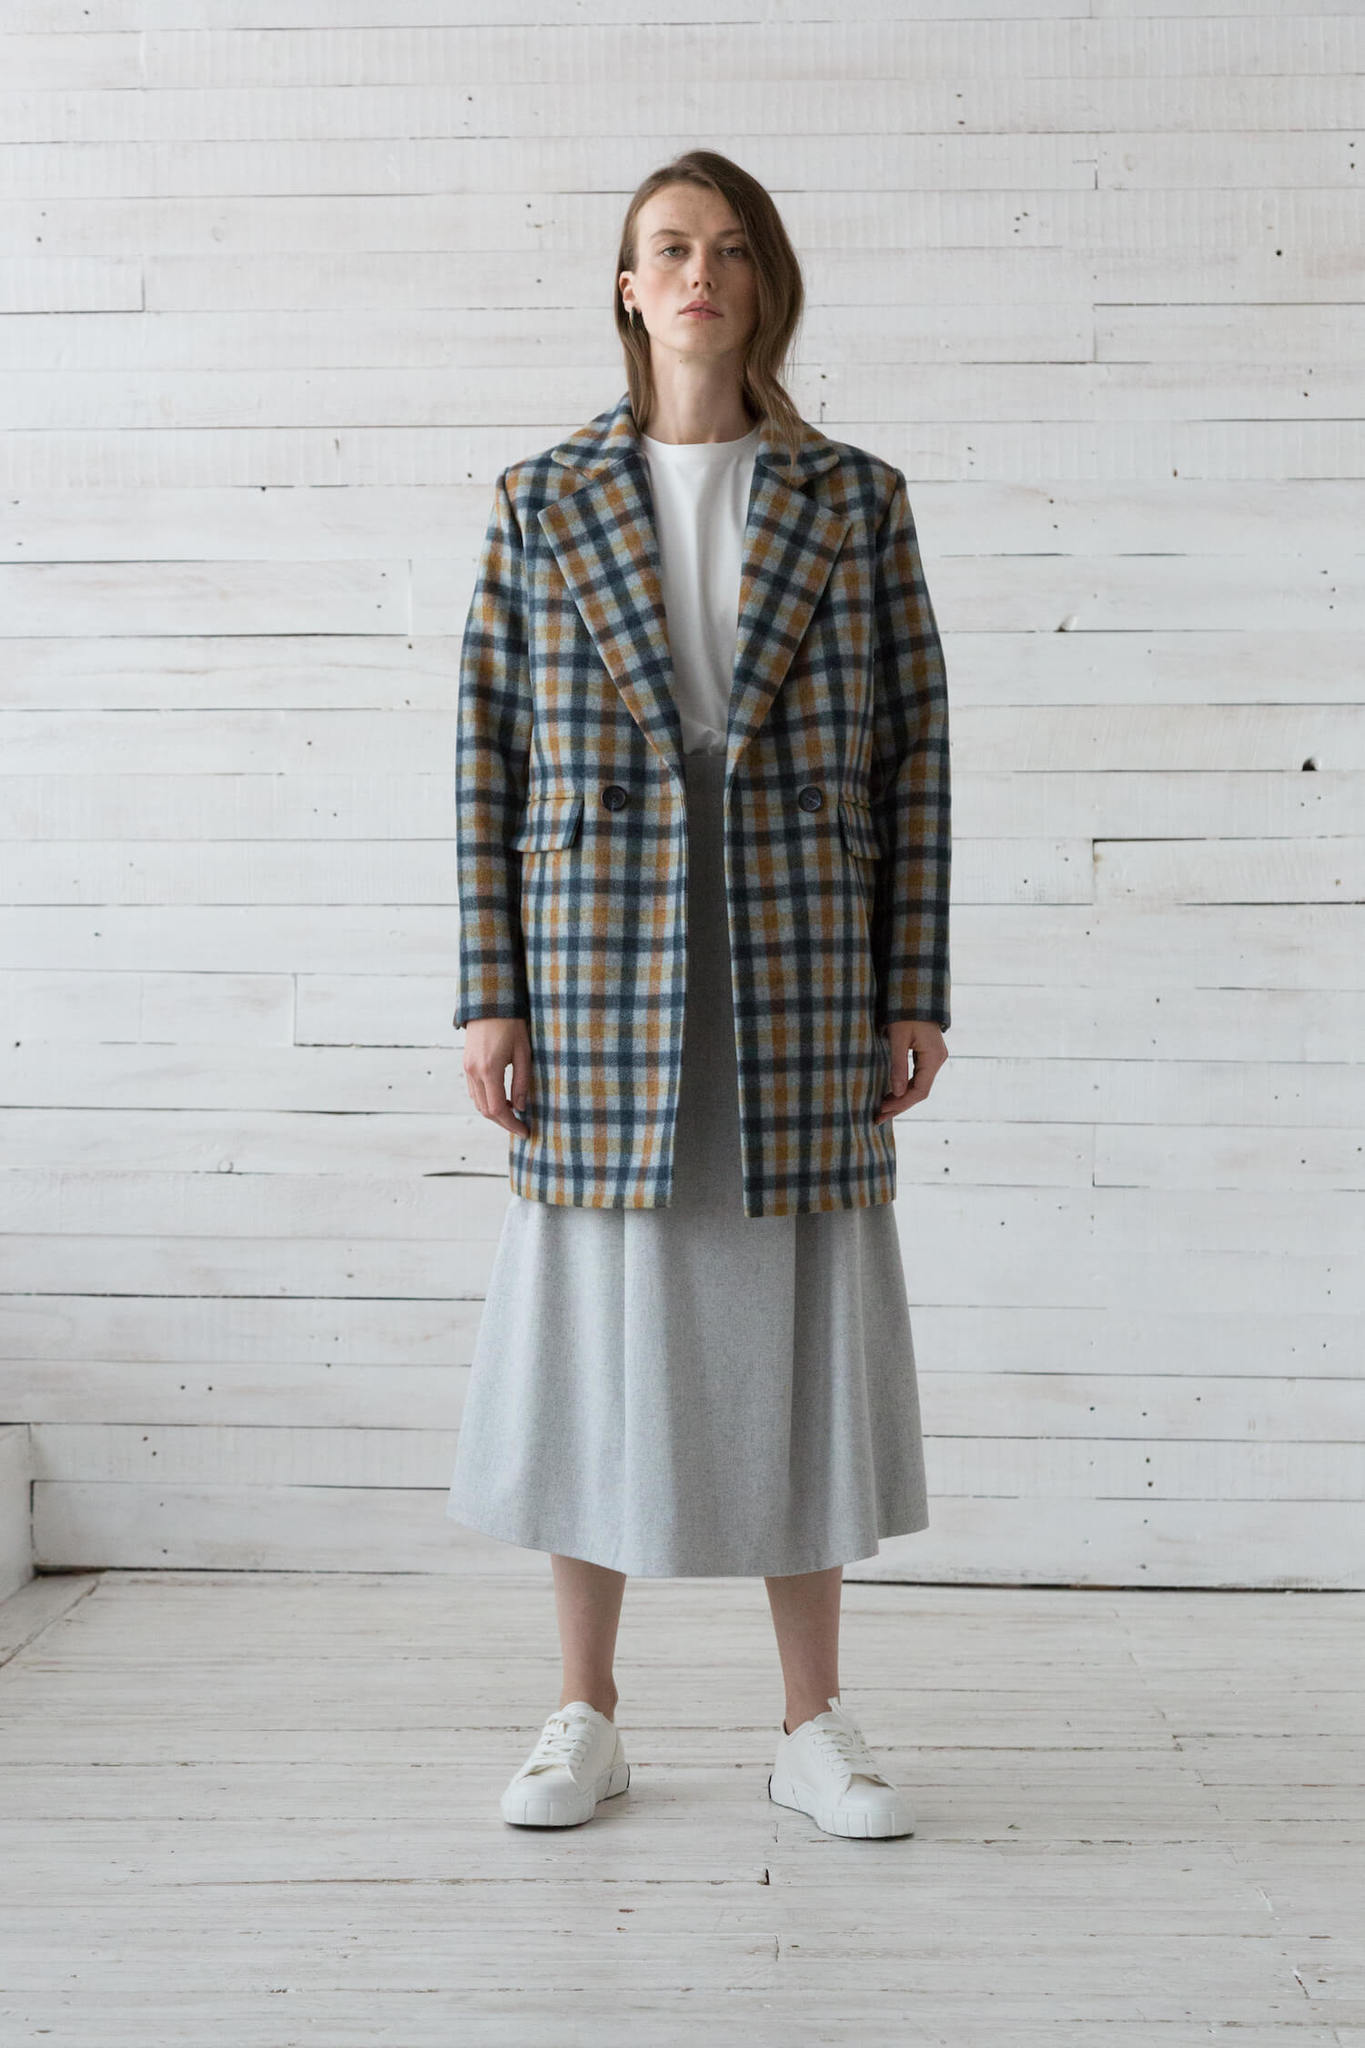 Пальто-пиджак удлиненное, серое в сине-охровую клетку